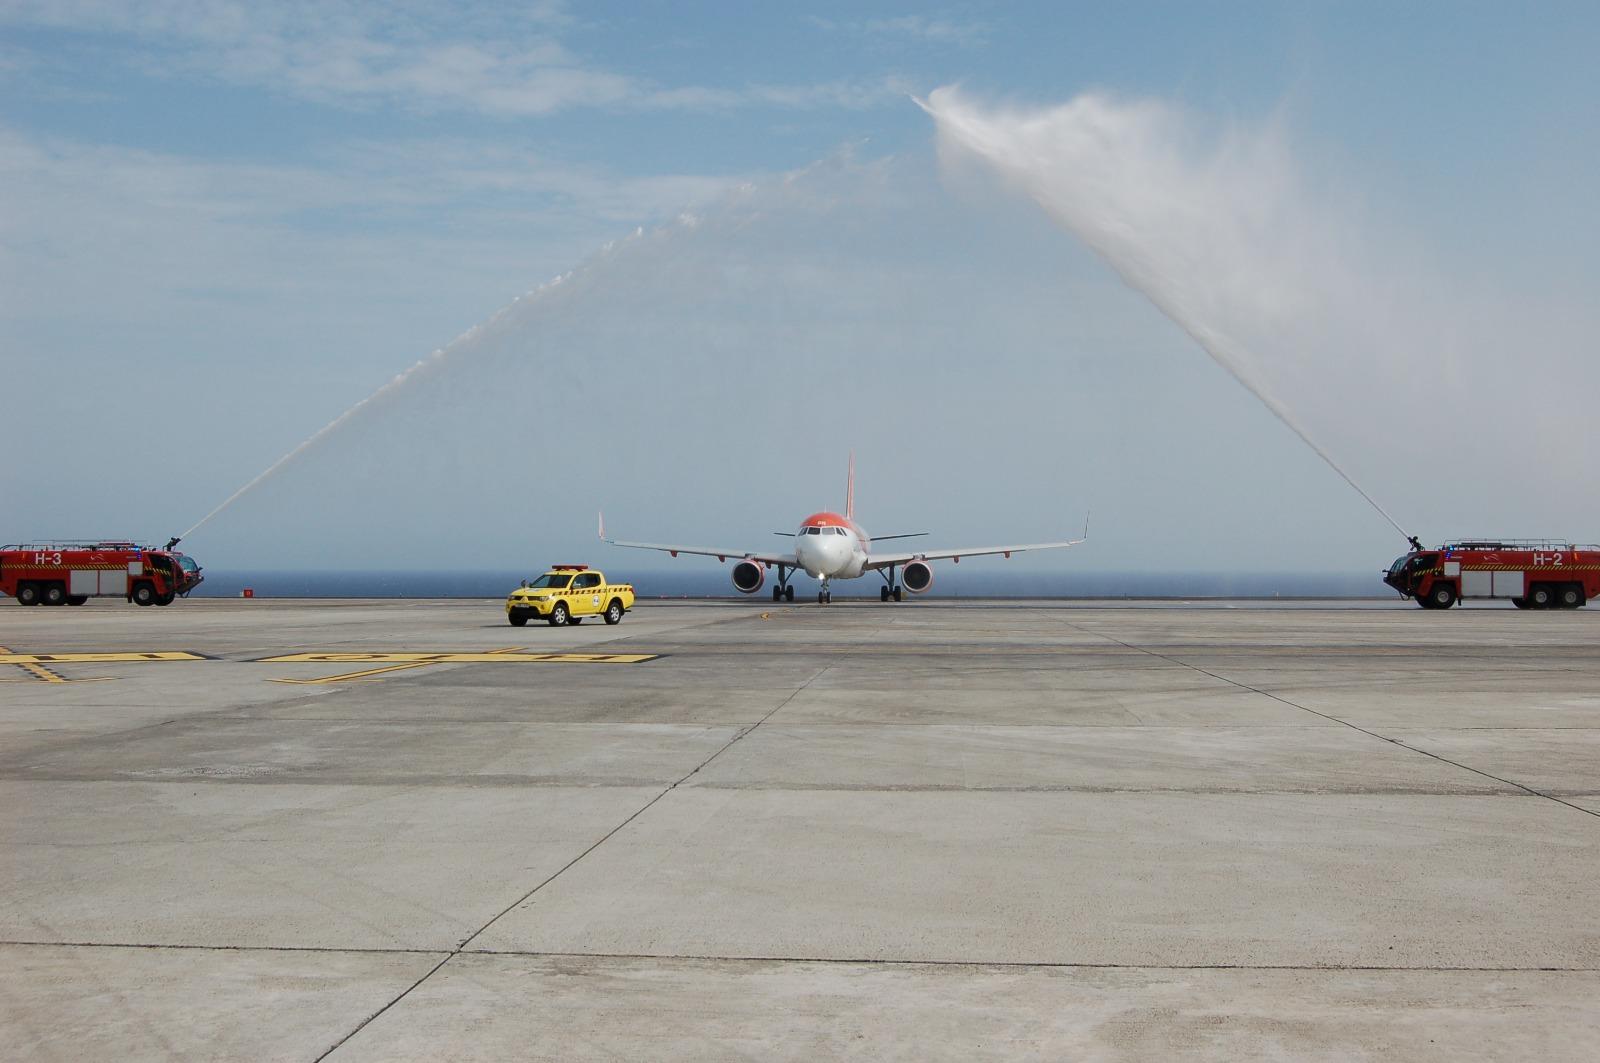 06082019_ La Consejería de Turismo recibe una nominación del World Routes 2019 por la gestión en la captación de rutas aéreas